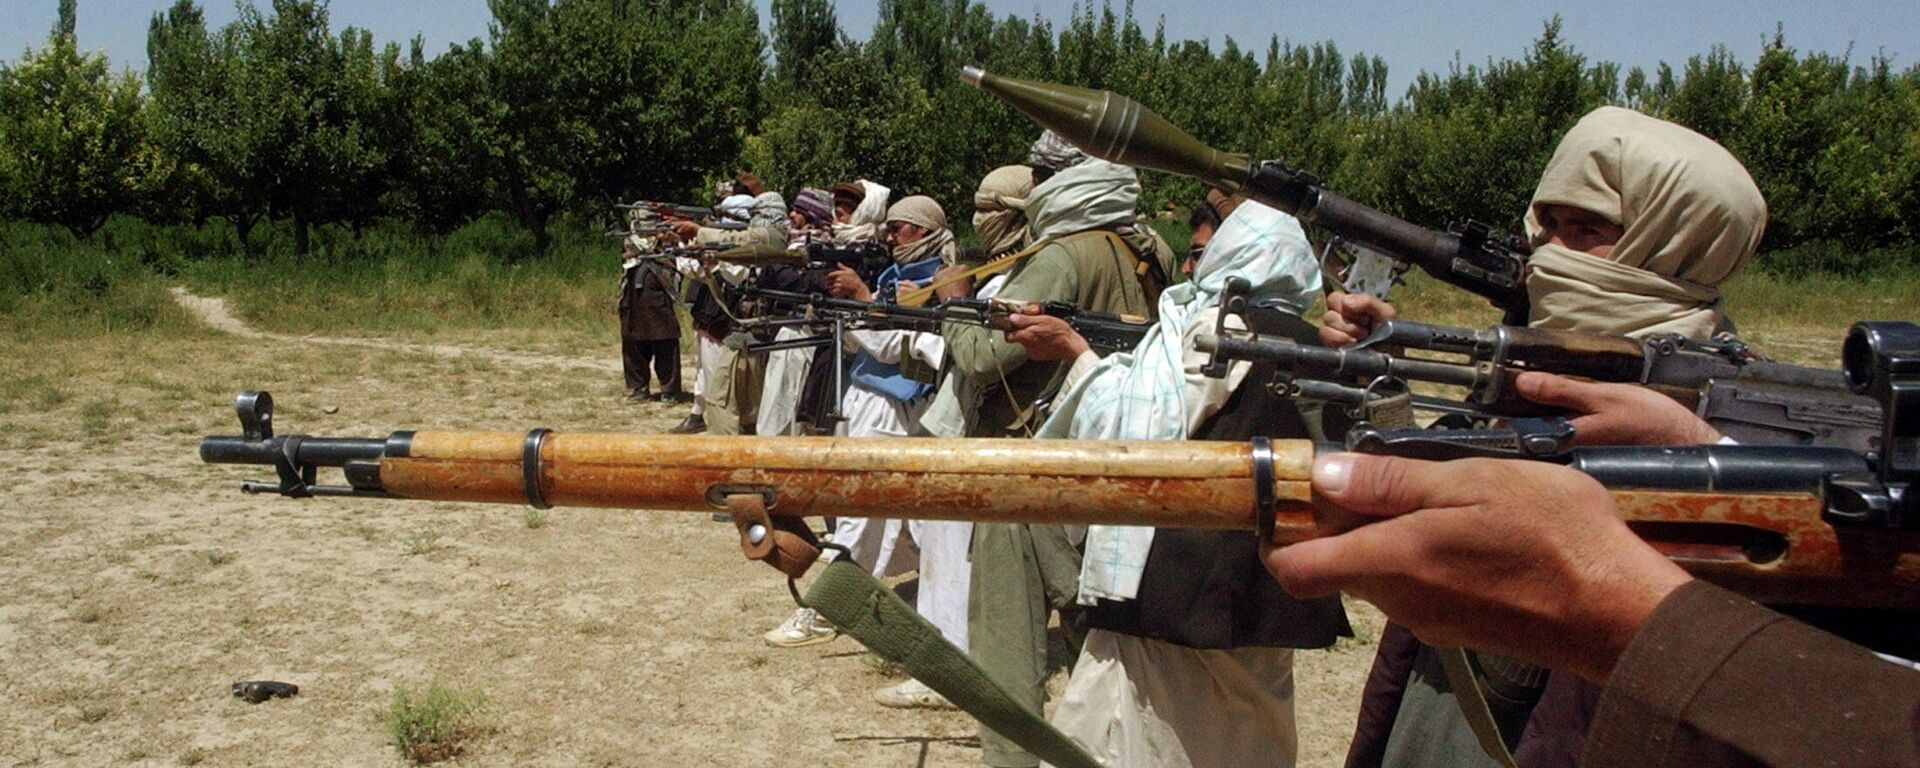 Los talibanes en Afganistán - Sputnik Mundo, 1920, 22.08.2021